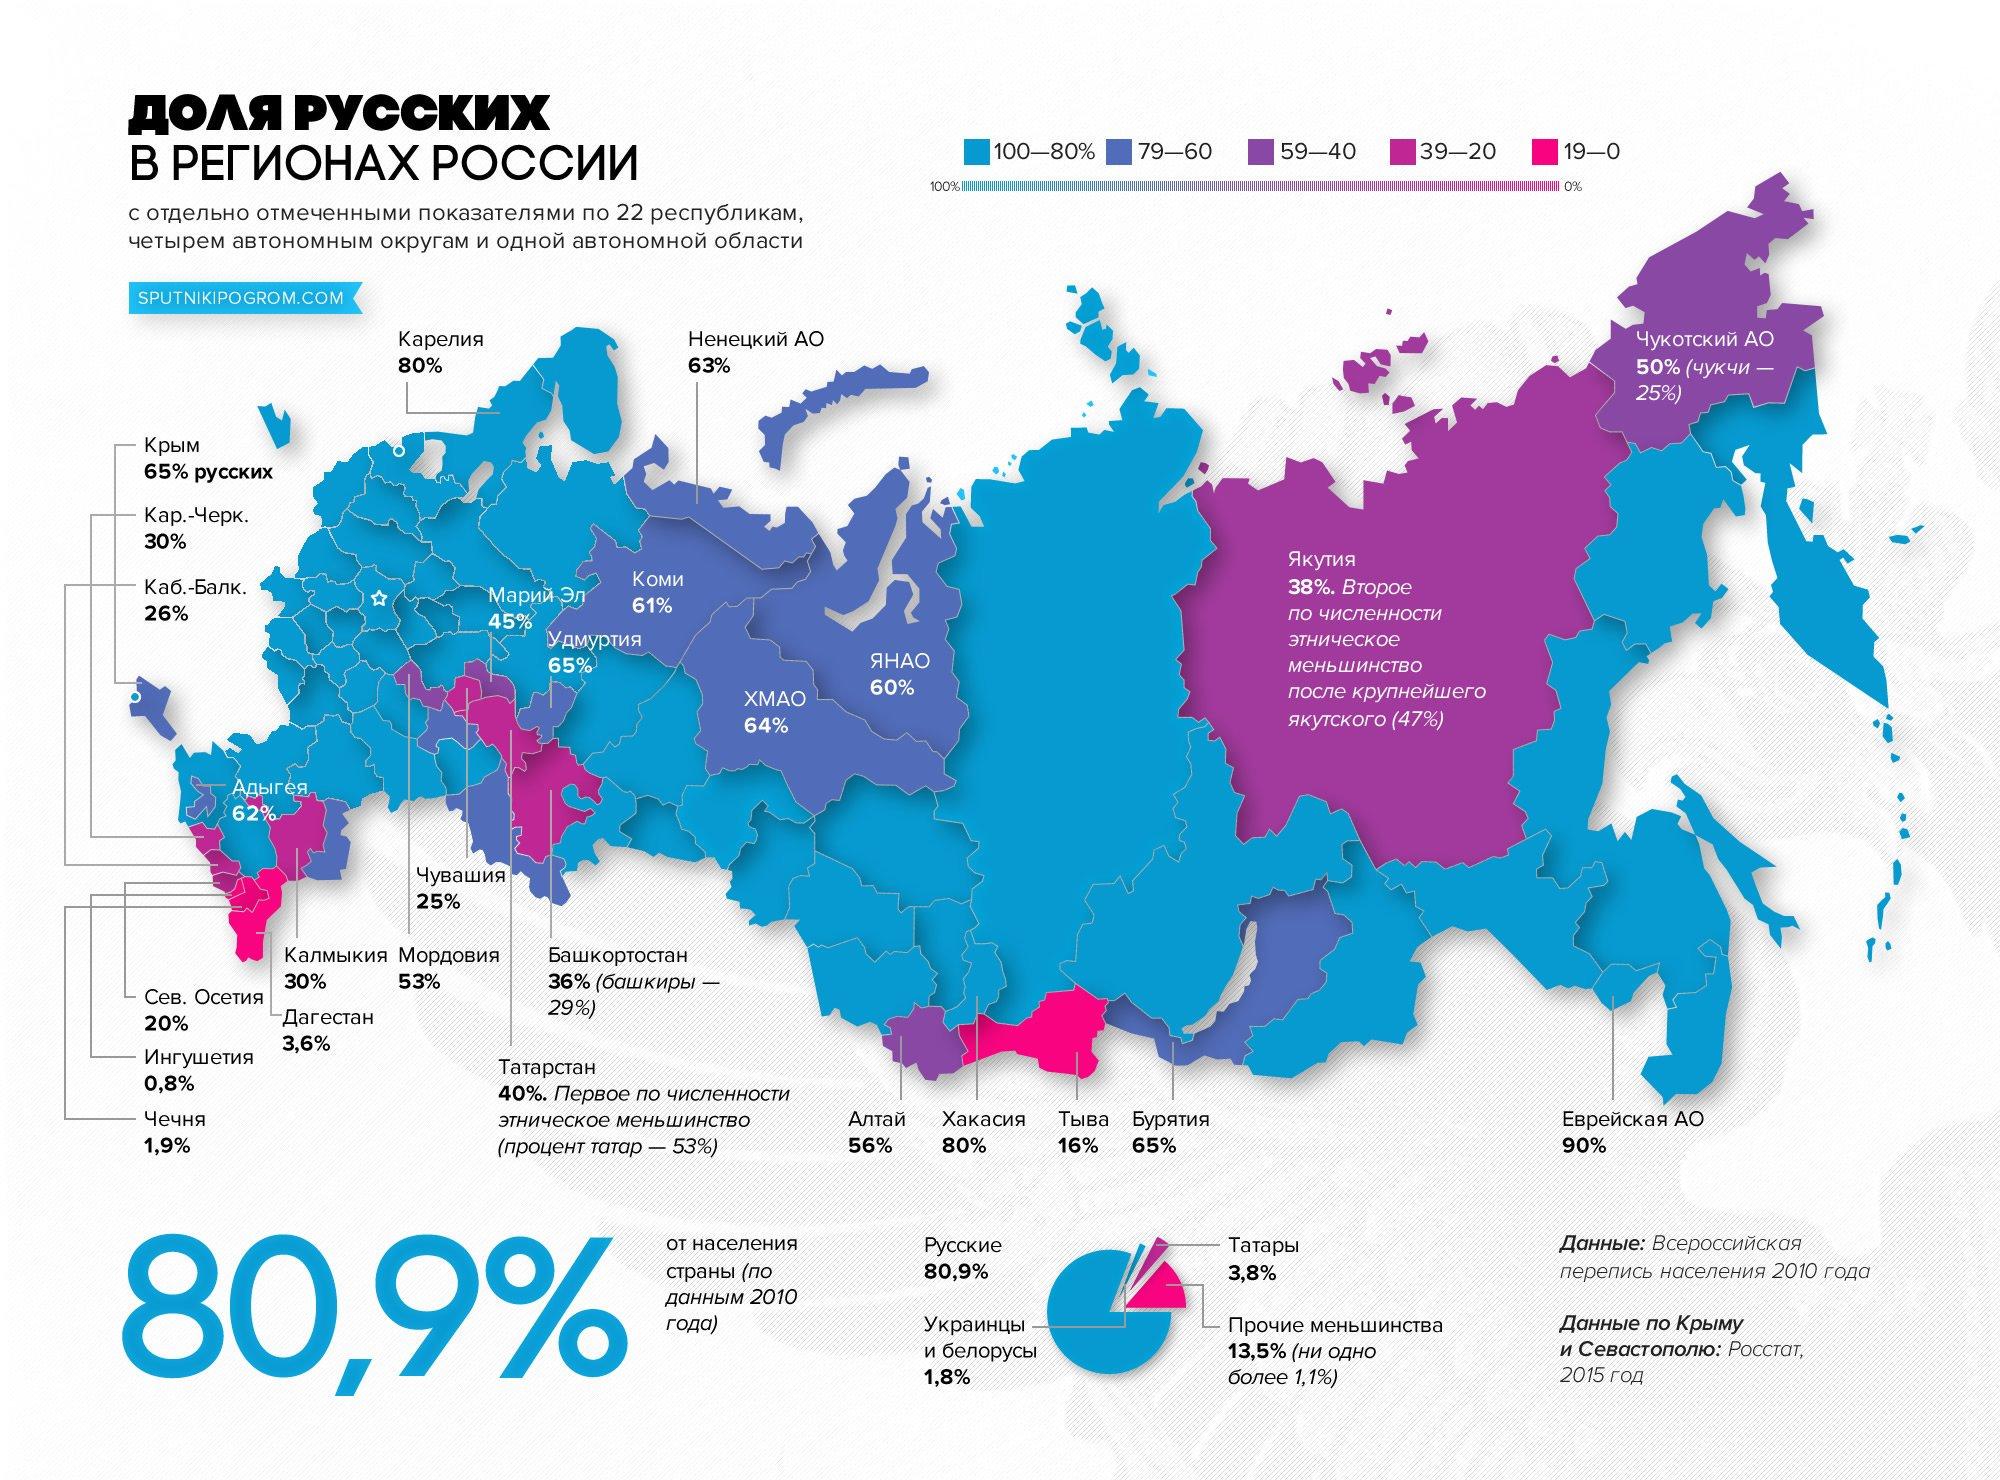 откуда появился русский народ